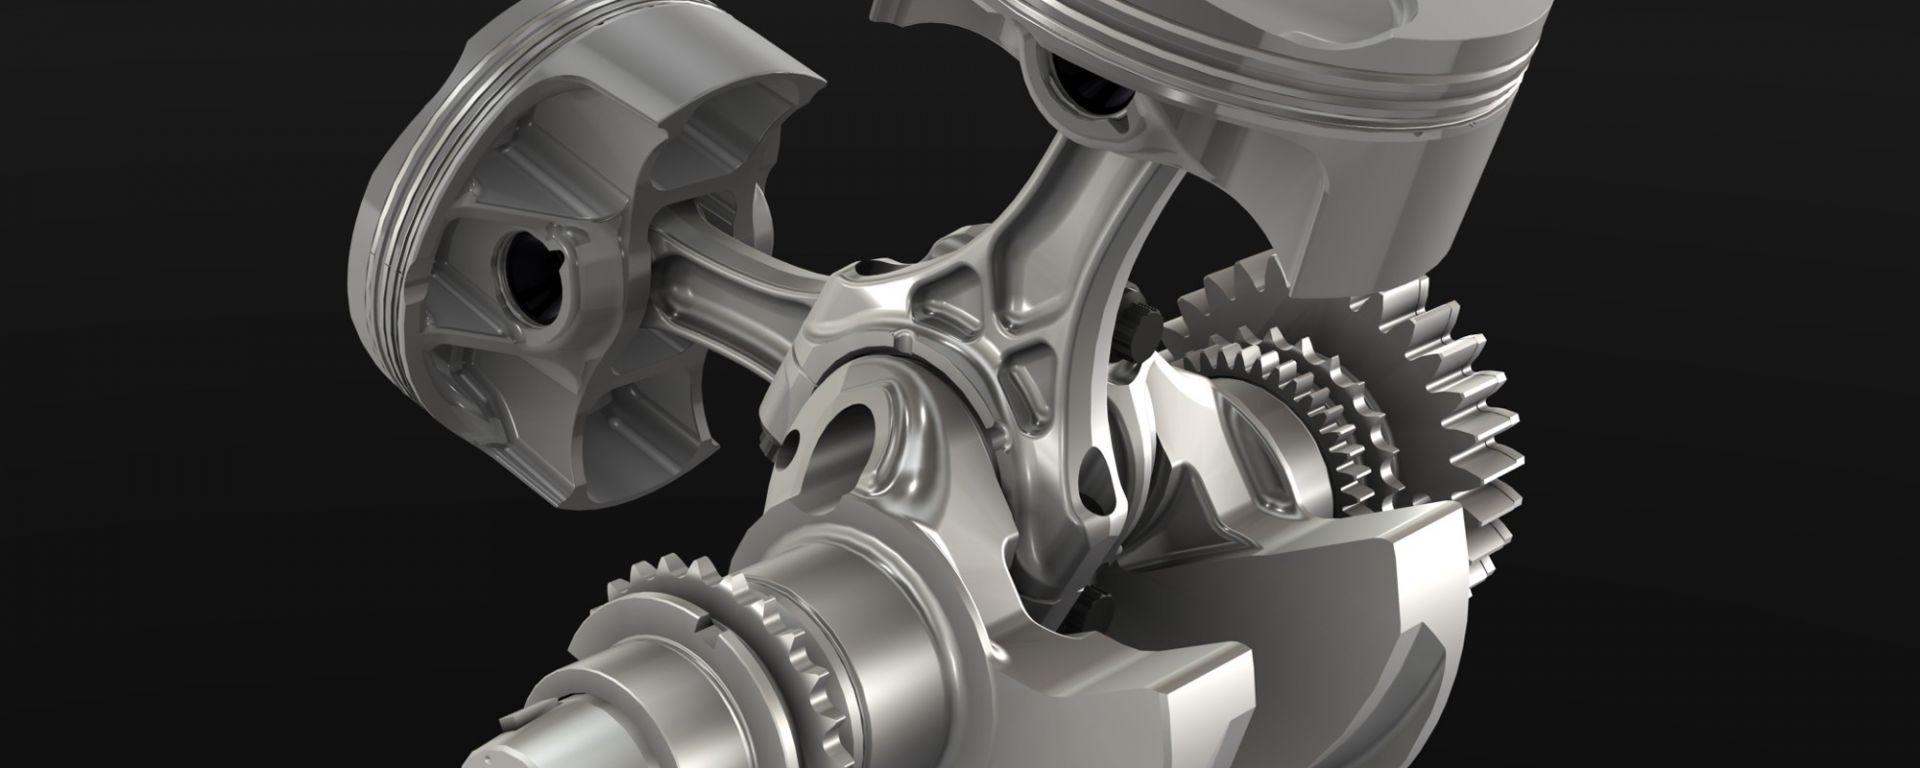 """Ducati 1199 Panigale: tutto sul motore """"Superquadro"""""""